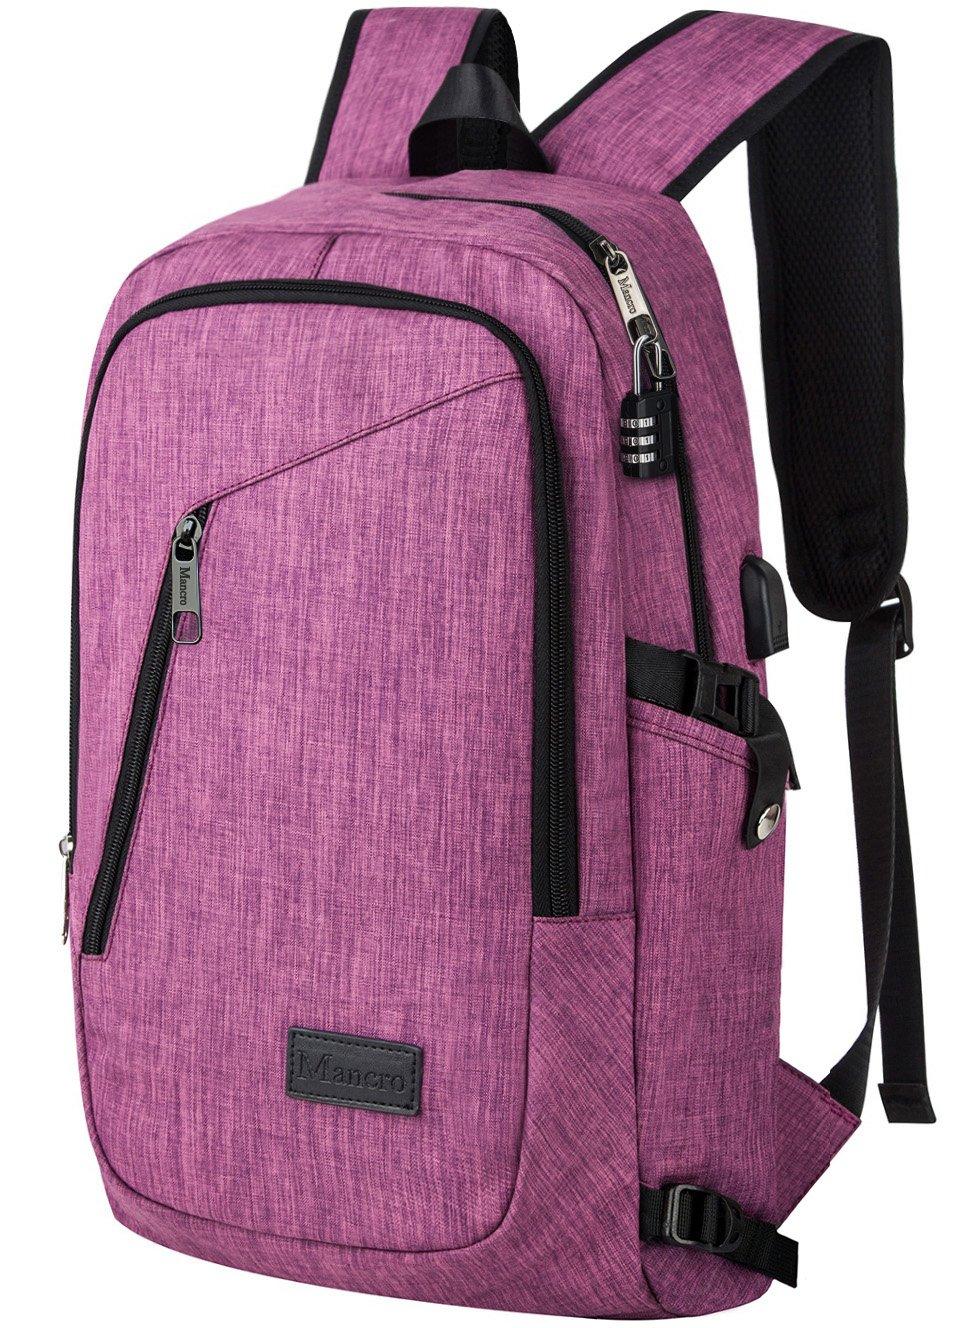 e8bab7c46138 85%OFF Slim Laptop Backpack